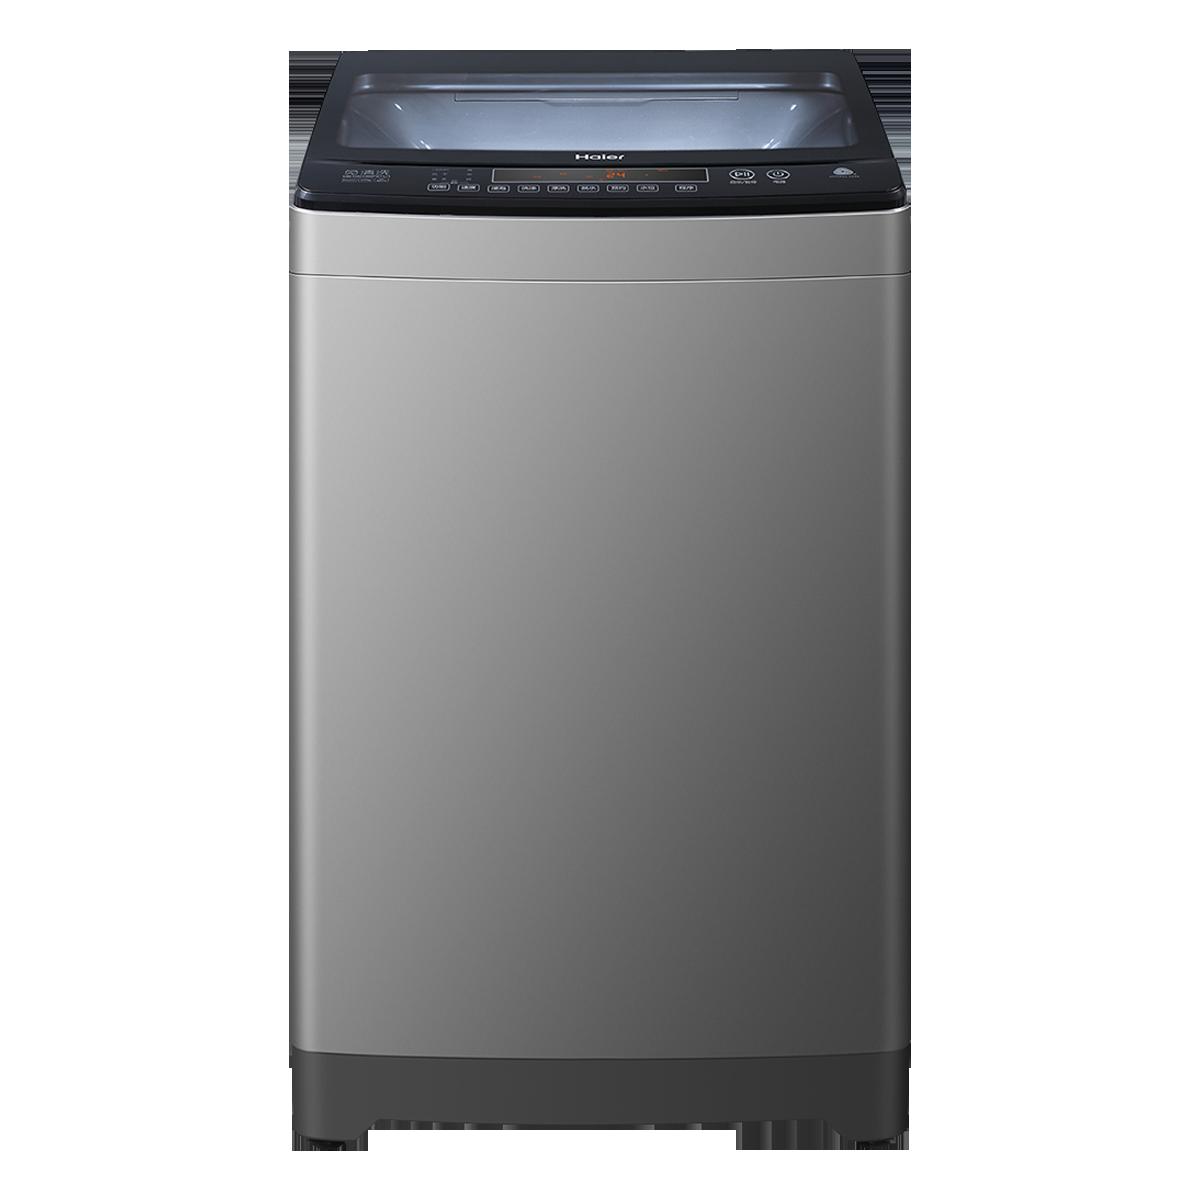 海尔Haier洗衣机 MB10018BF61U1 说明书